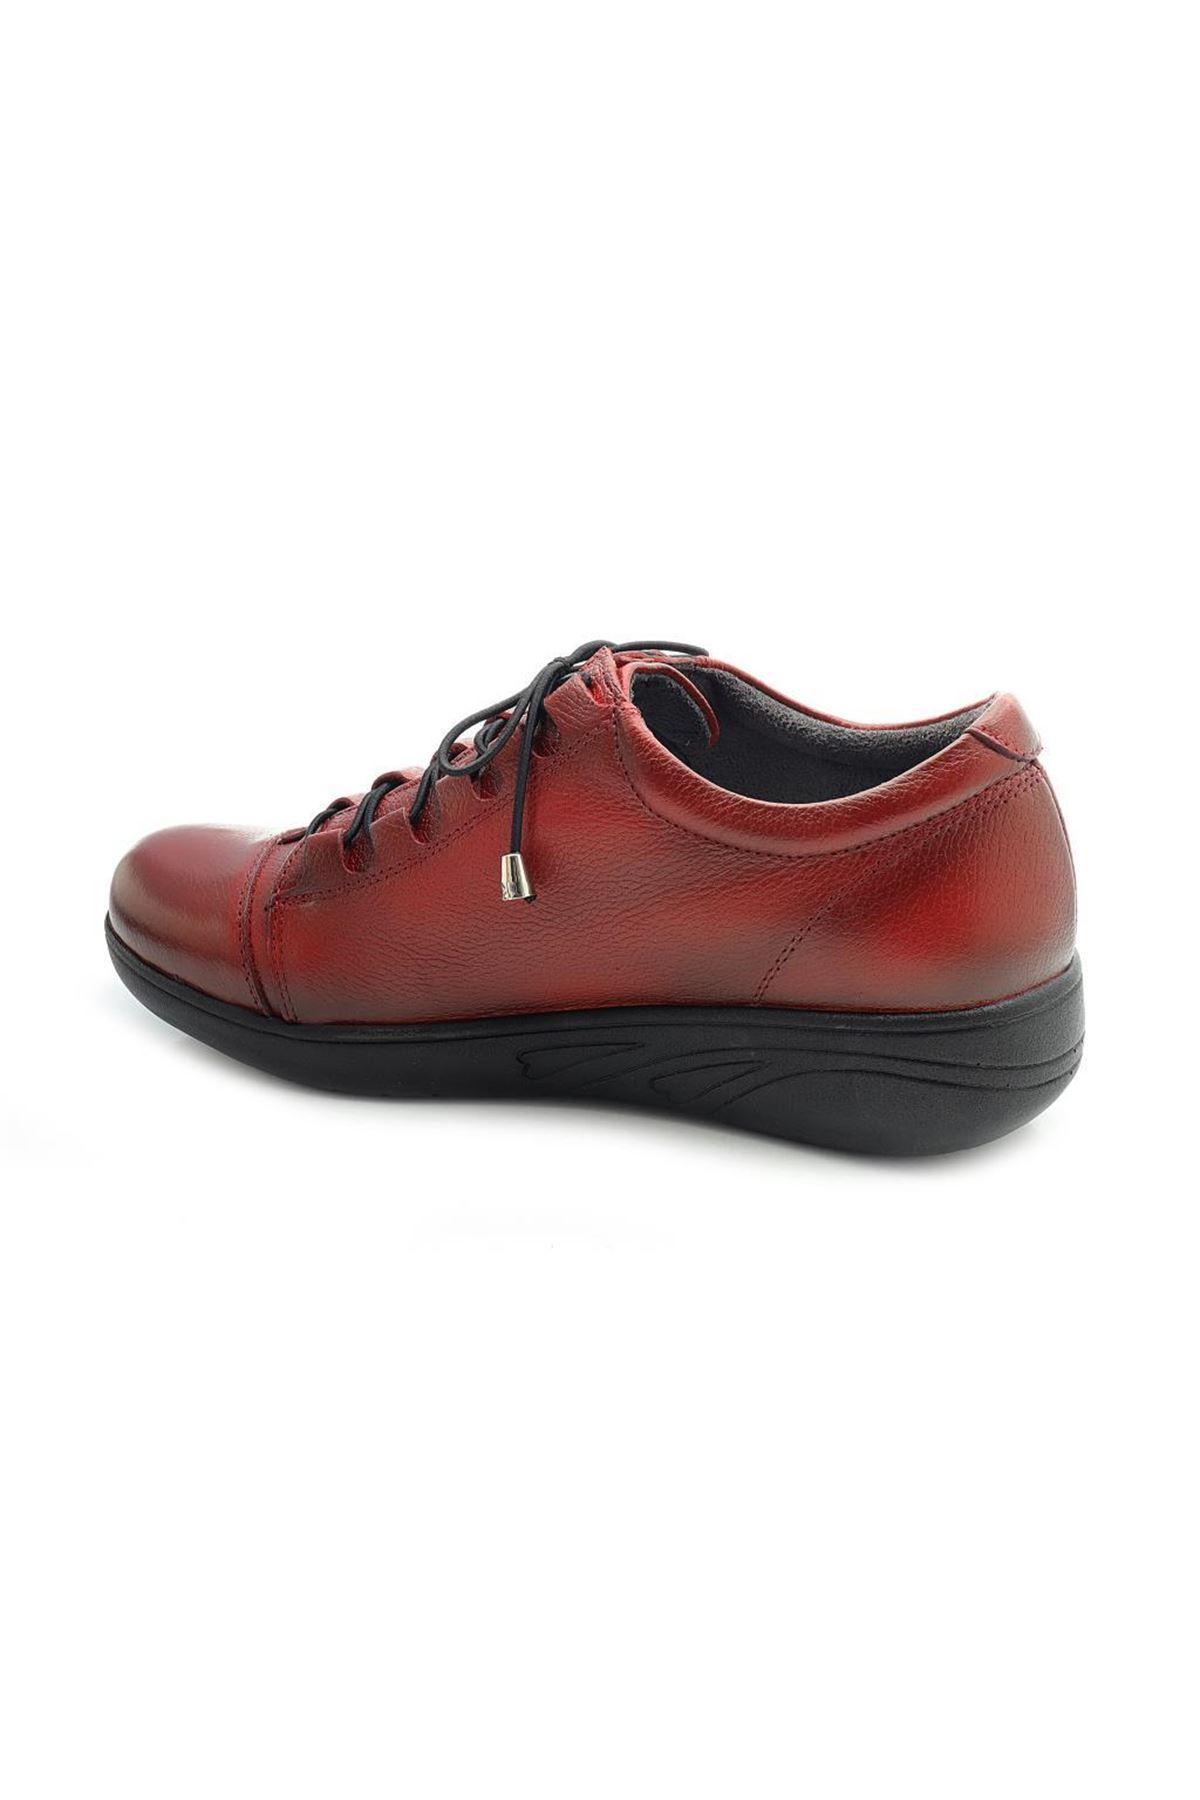 Diego Carlotti 120 Ortopedik Hakiki Deri Günlük Bayan Ayakkabı